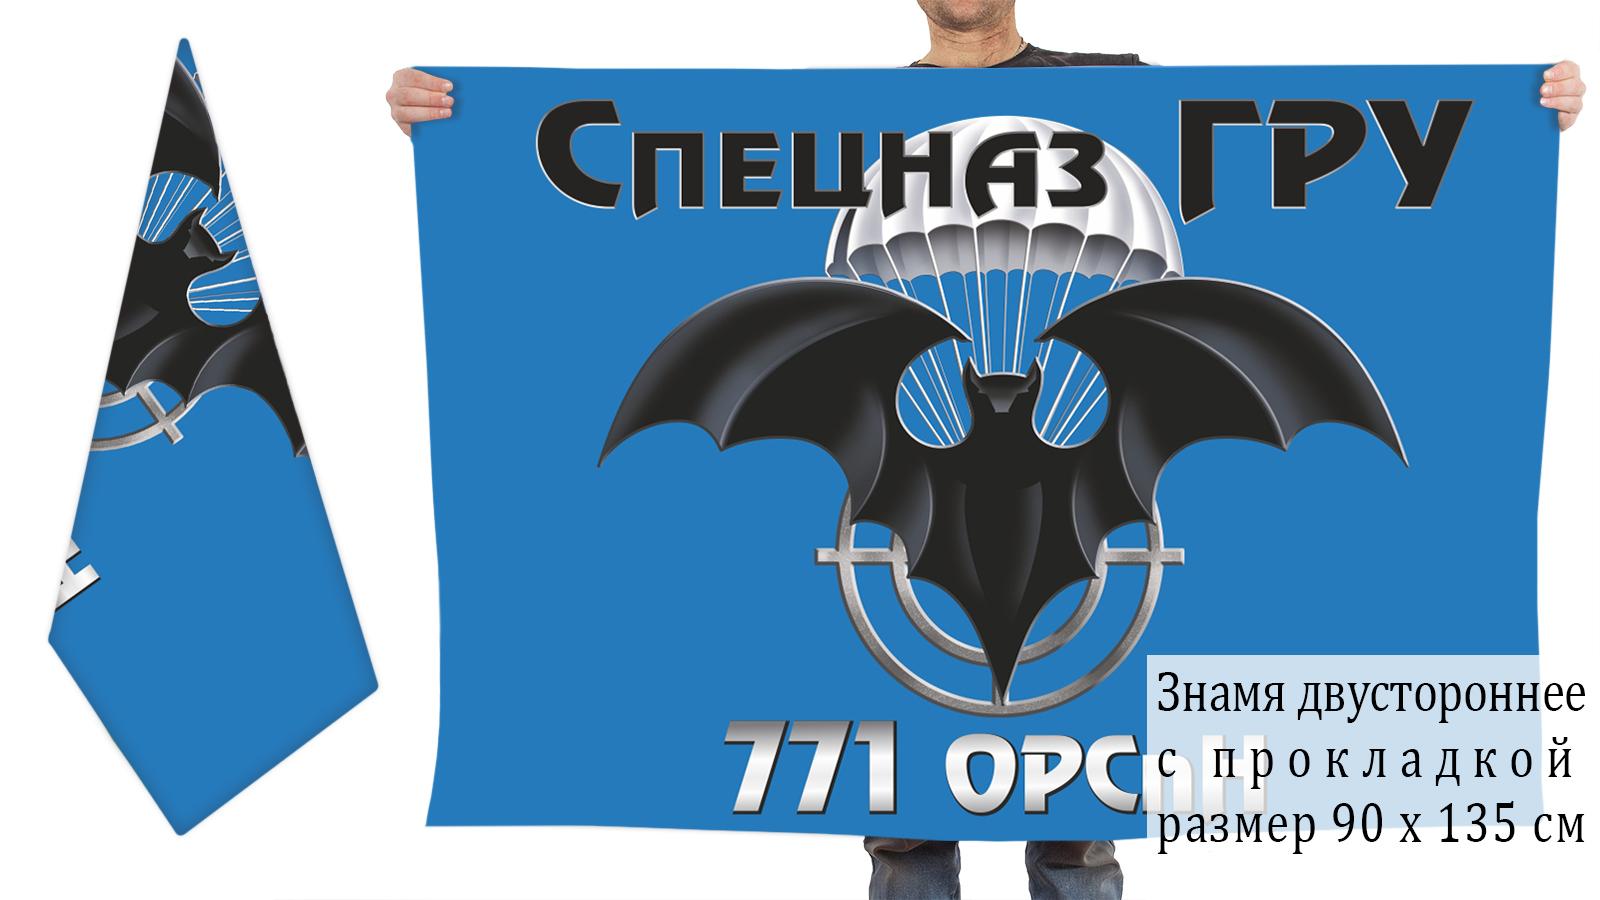 Двусторонний флаг 771 отдельной роты спецназа